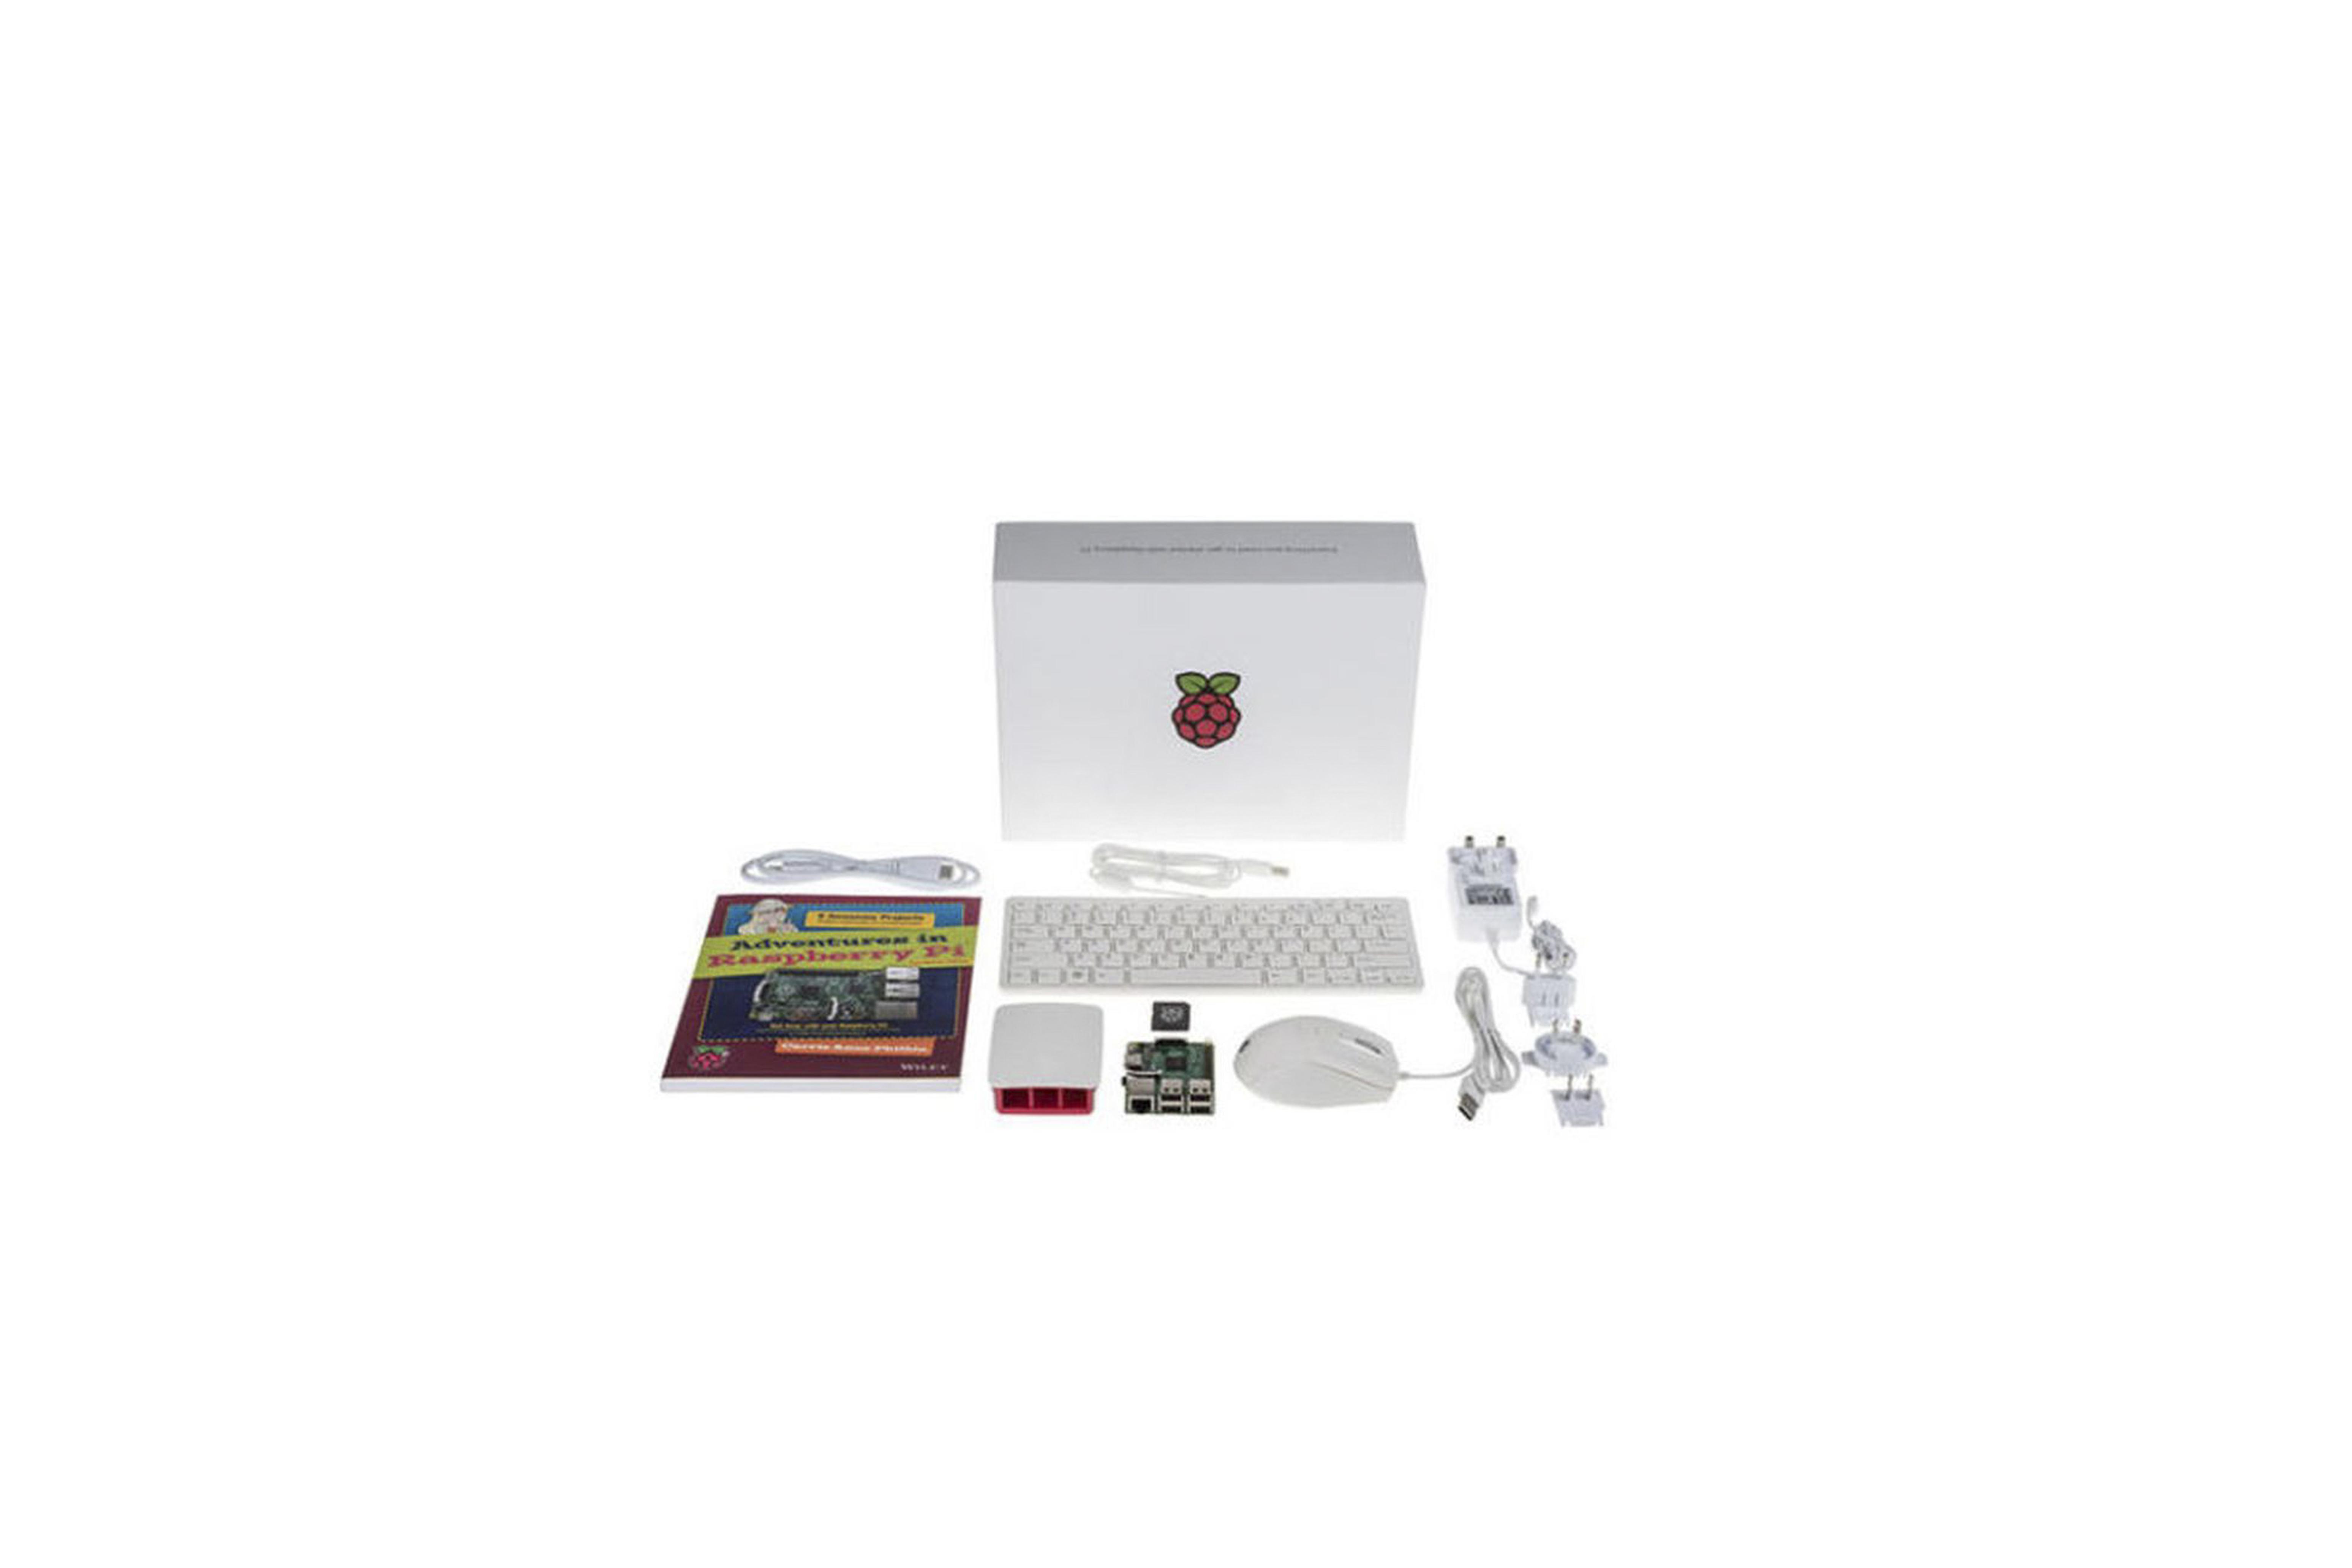 Raspberry Pi(ラズベリーパイ)3 スターターキット